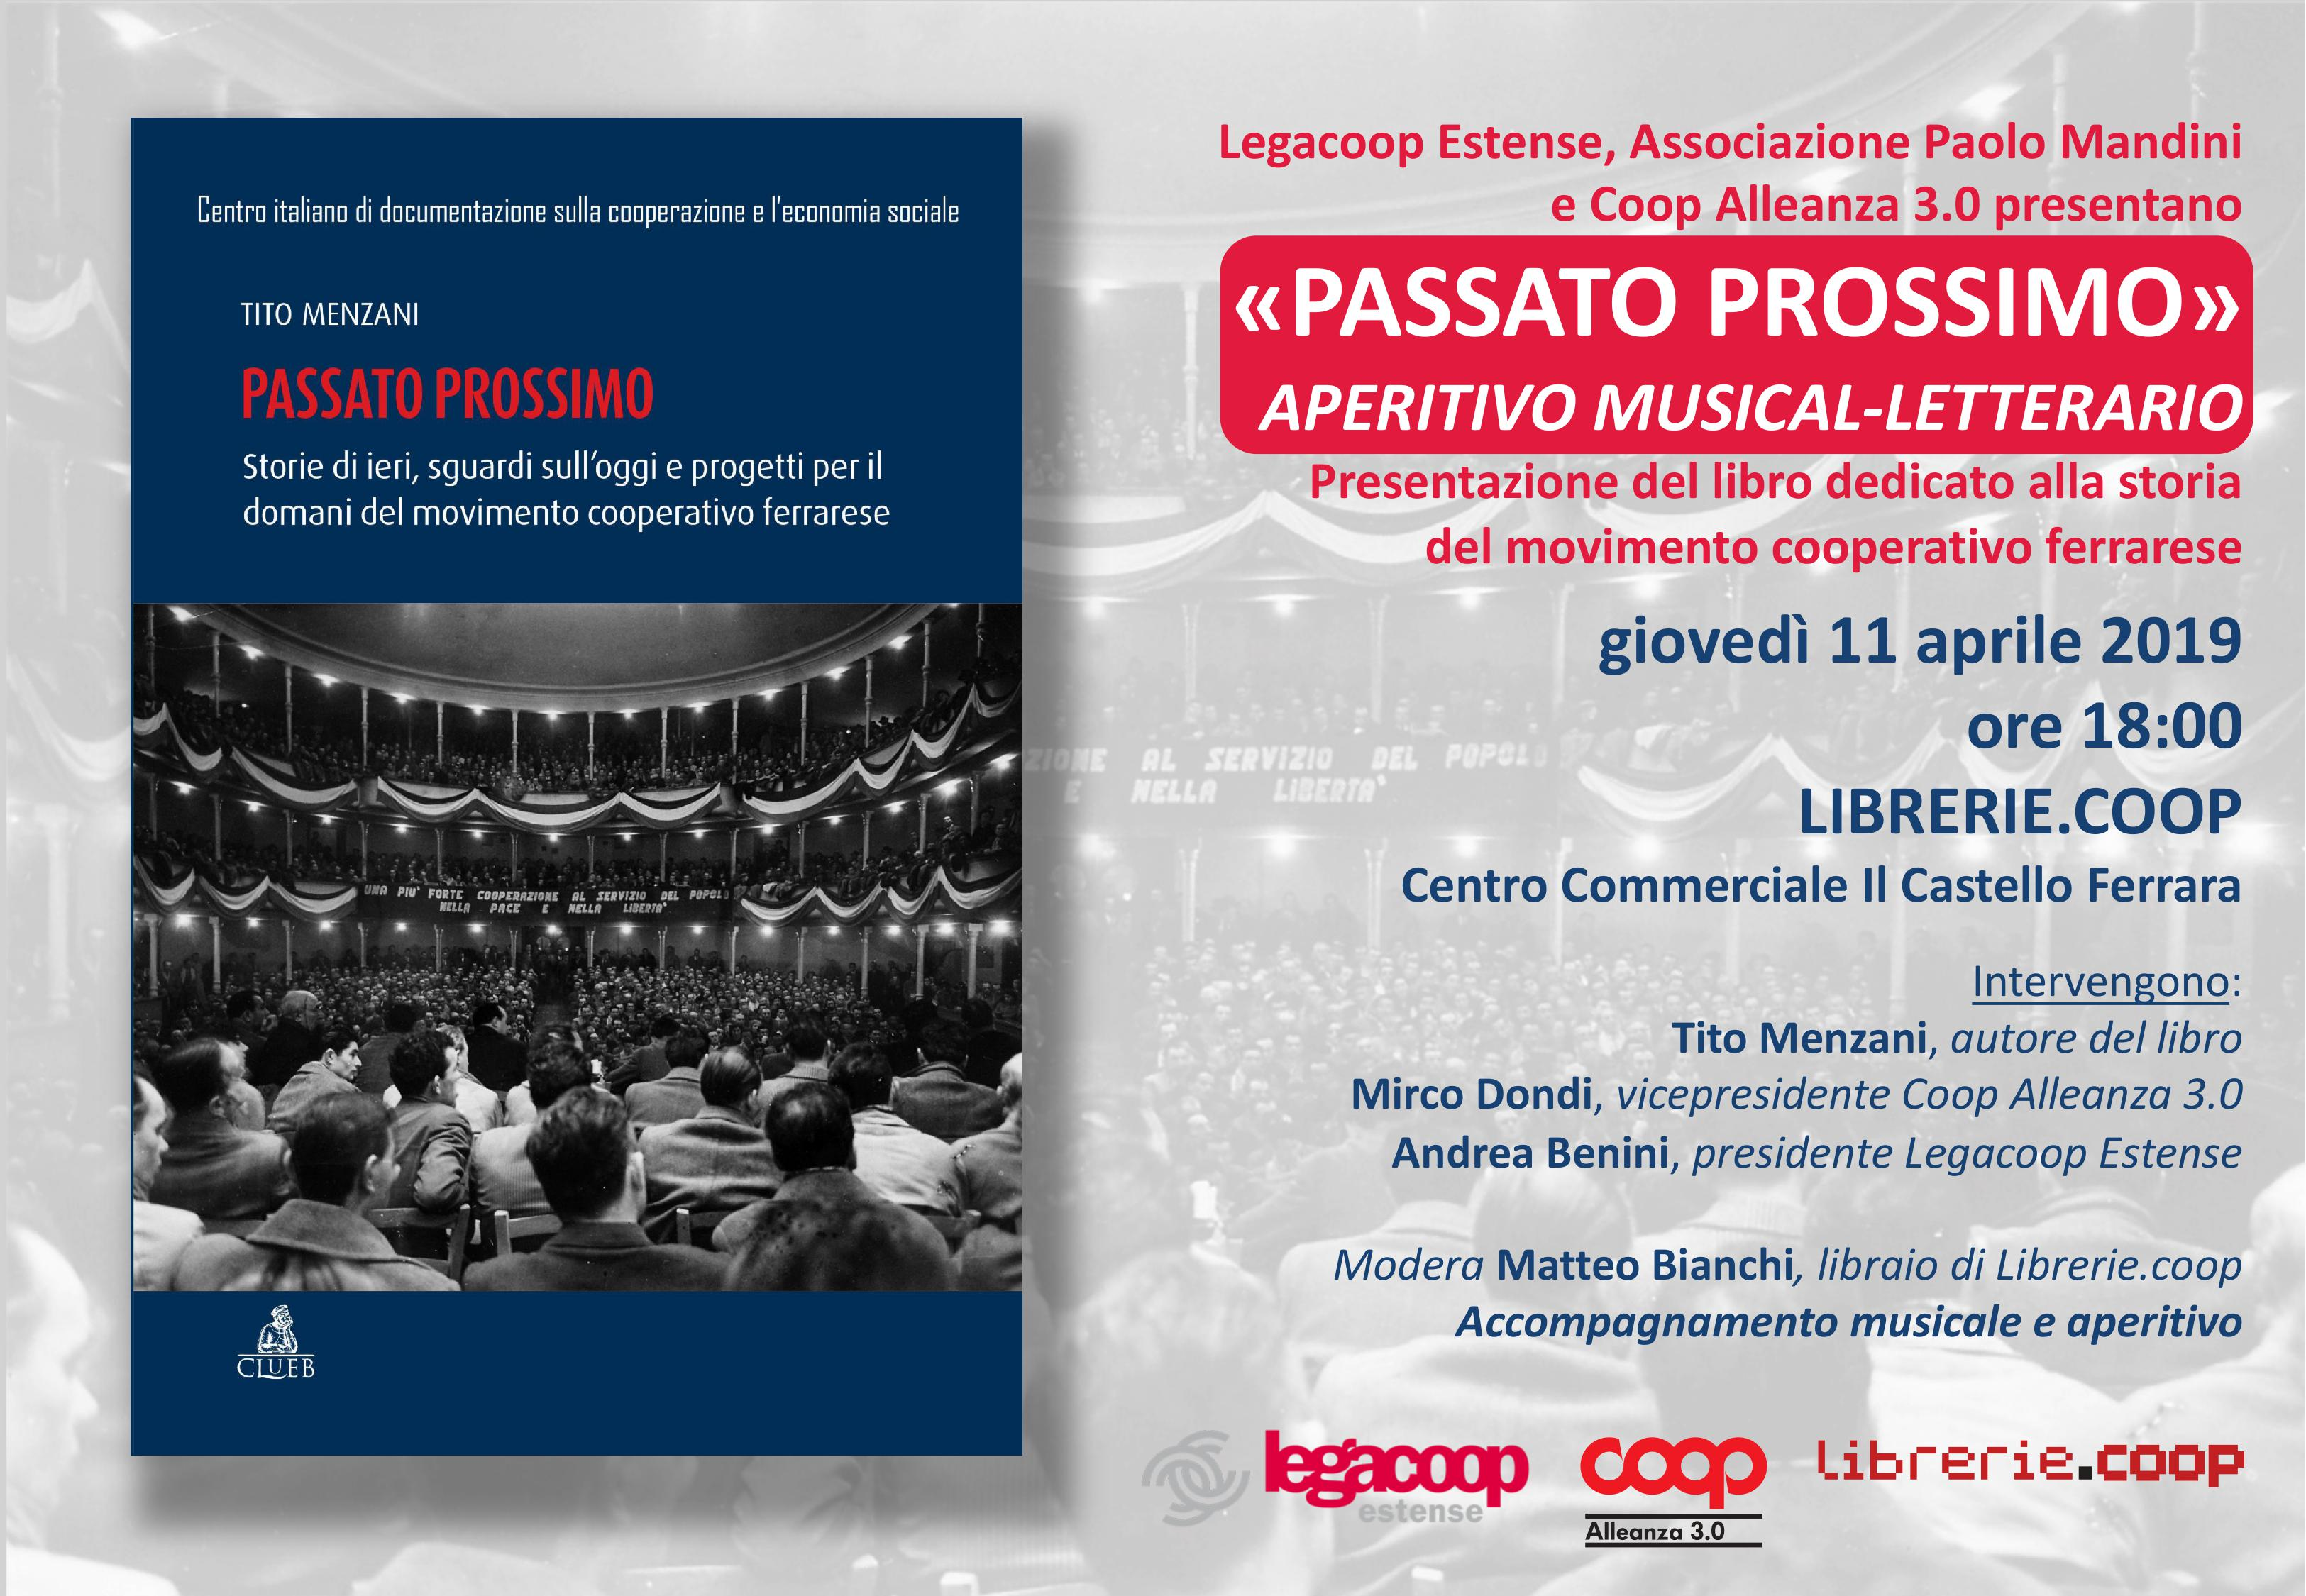 """""""Passato Prossimo"""": l'11 aprile in Librerie.coop a Ferrara la presentazione del libro di Tito Menzani sulla storia della cooperazione ferrarese"""